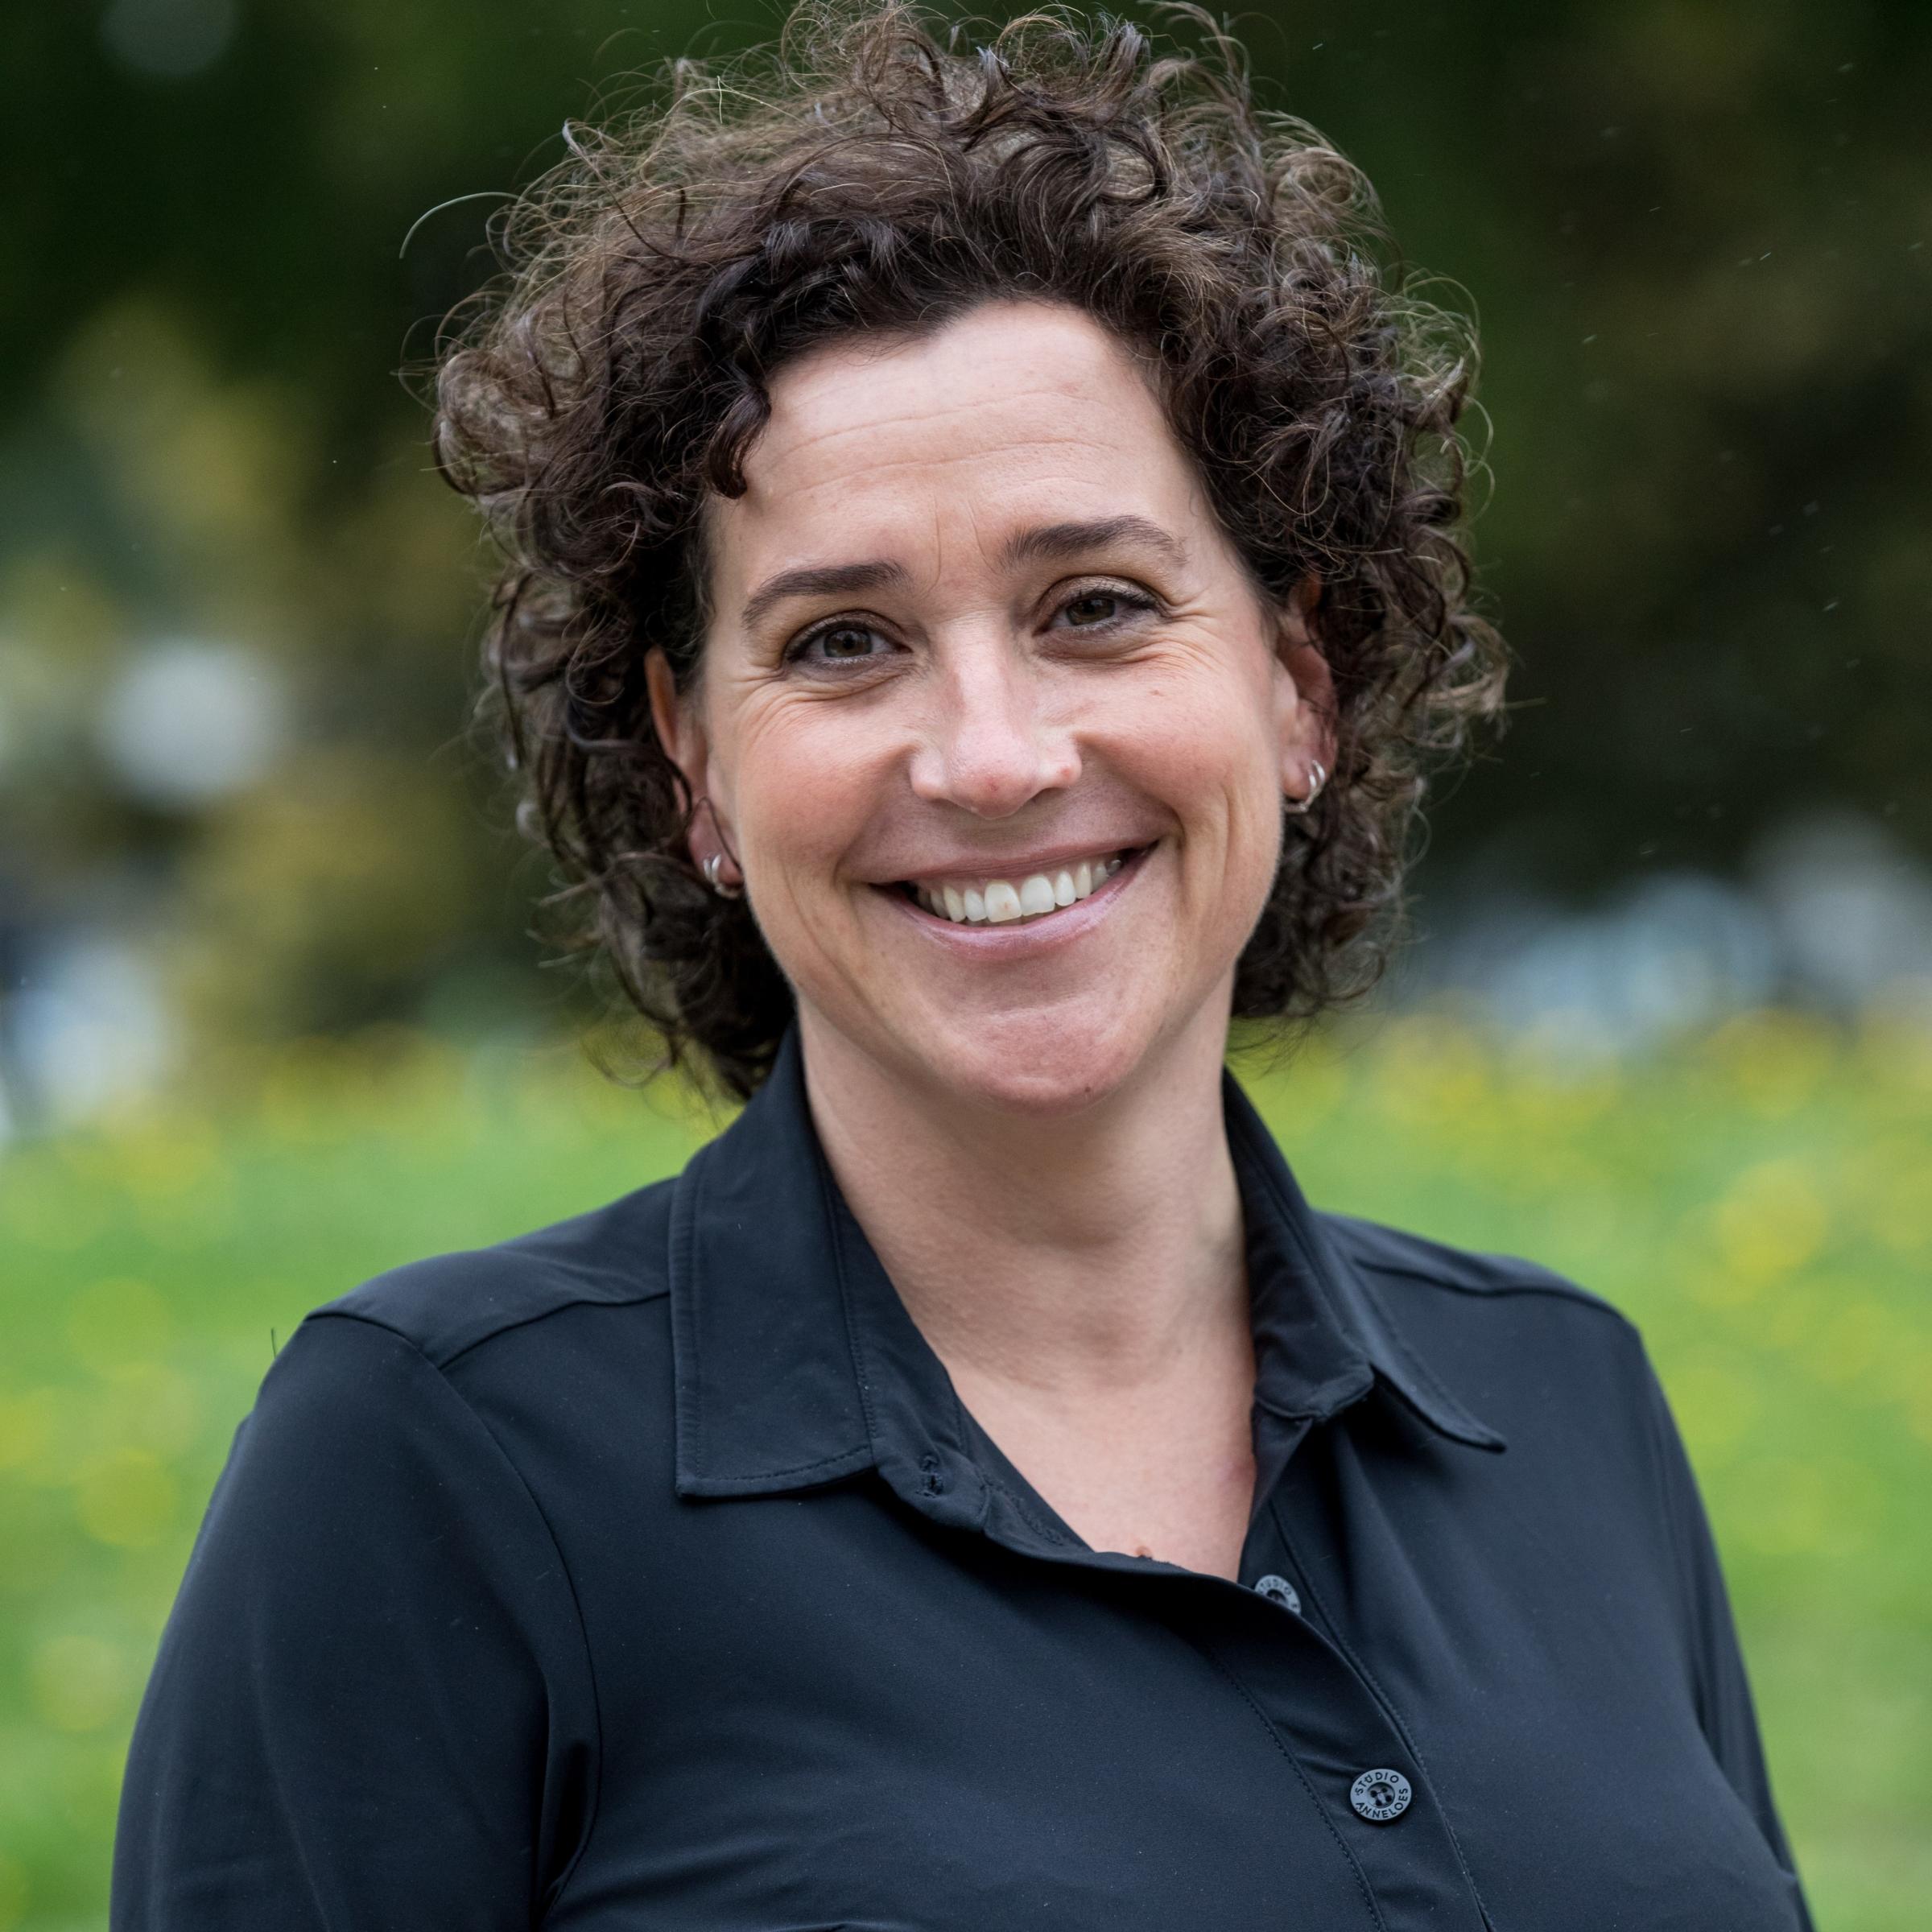 Sandra Huijnen